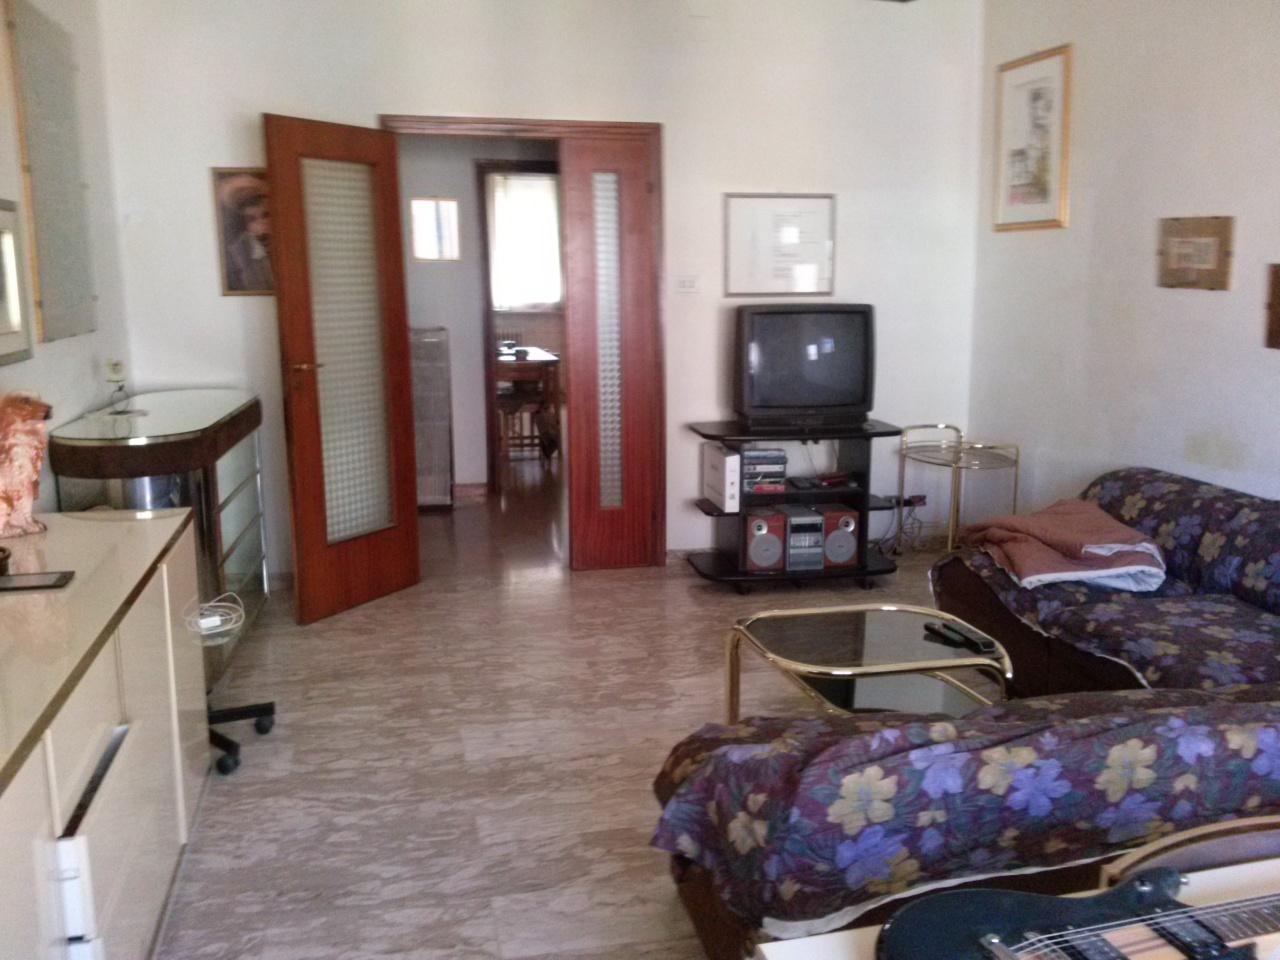 Appartamento in vendita a Ascoli Piceno, 9999 locali, zona Località: P.zzaImmacolata, prezzo € 150.000 | Cambio Casa.it